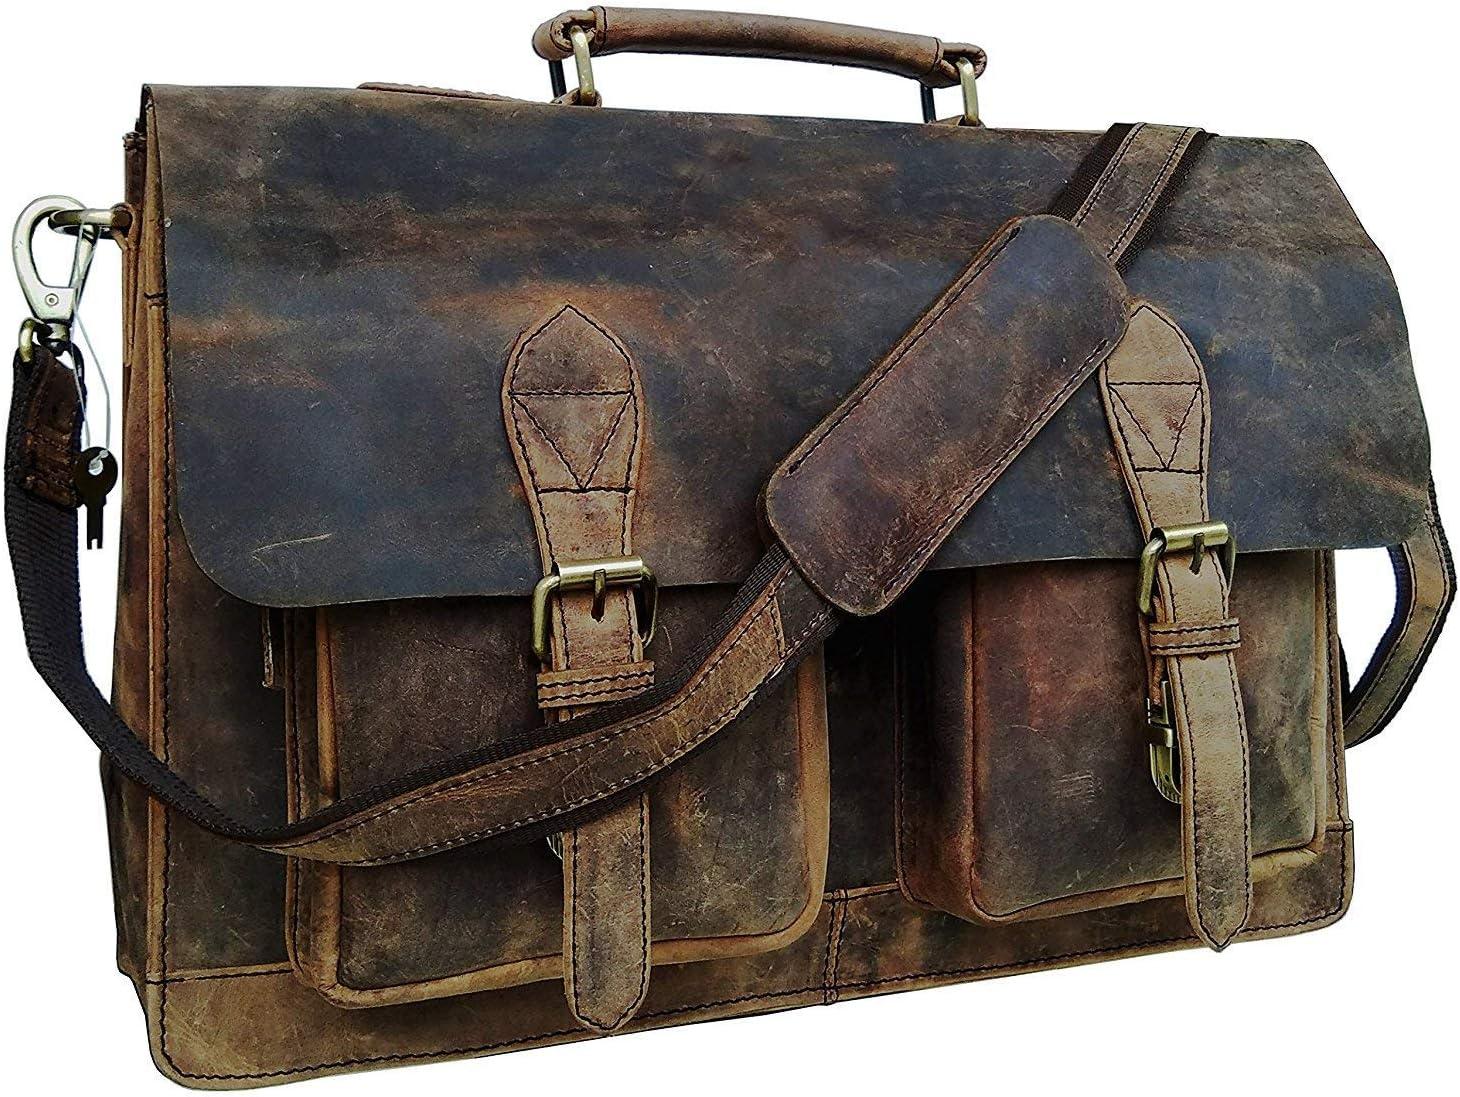 18 Inch Vintage Computer Leather Laptop Messenger Bags for Men Leather Briefcase Shoulder Bag Man & Women Bag (rustic brown)